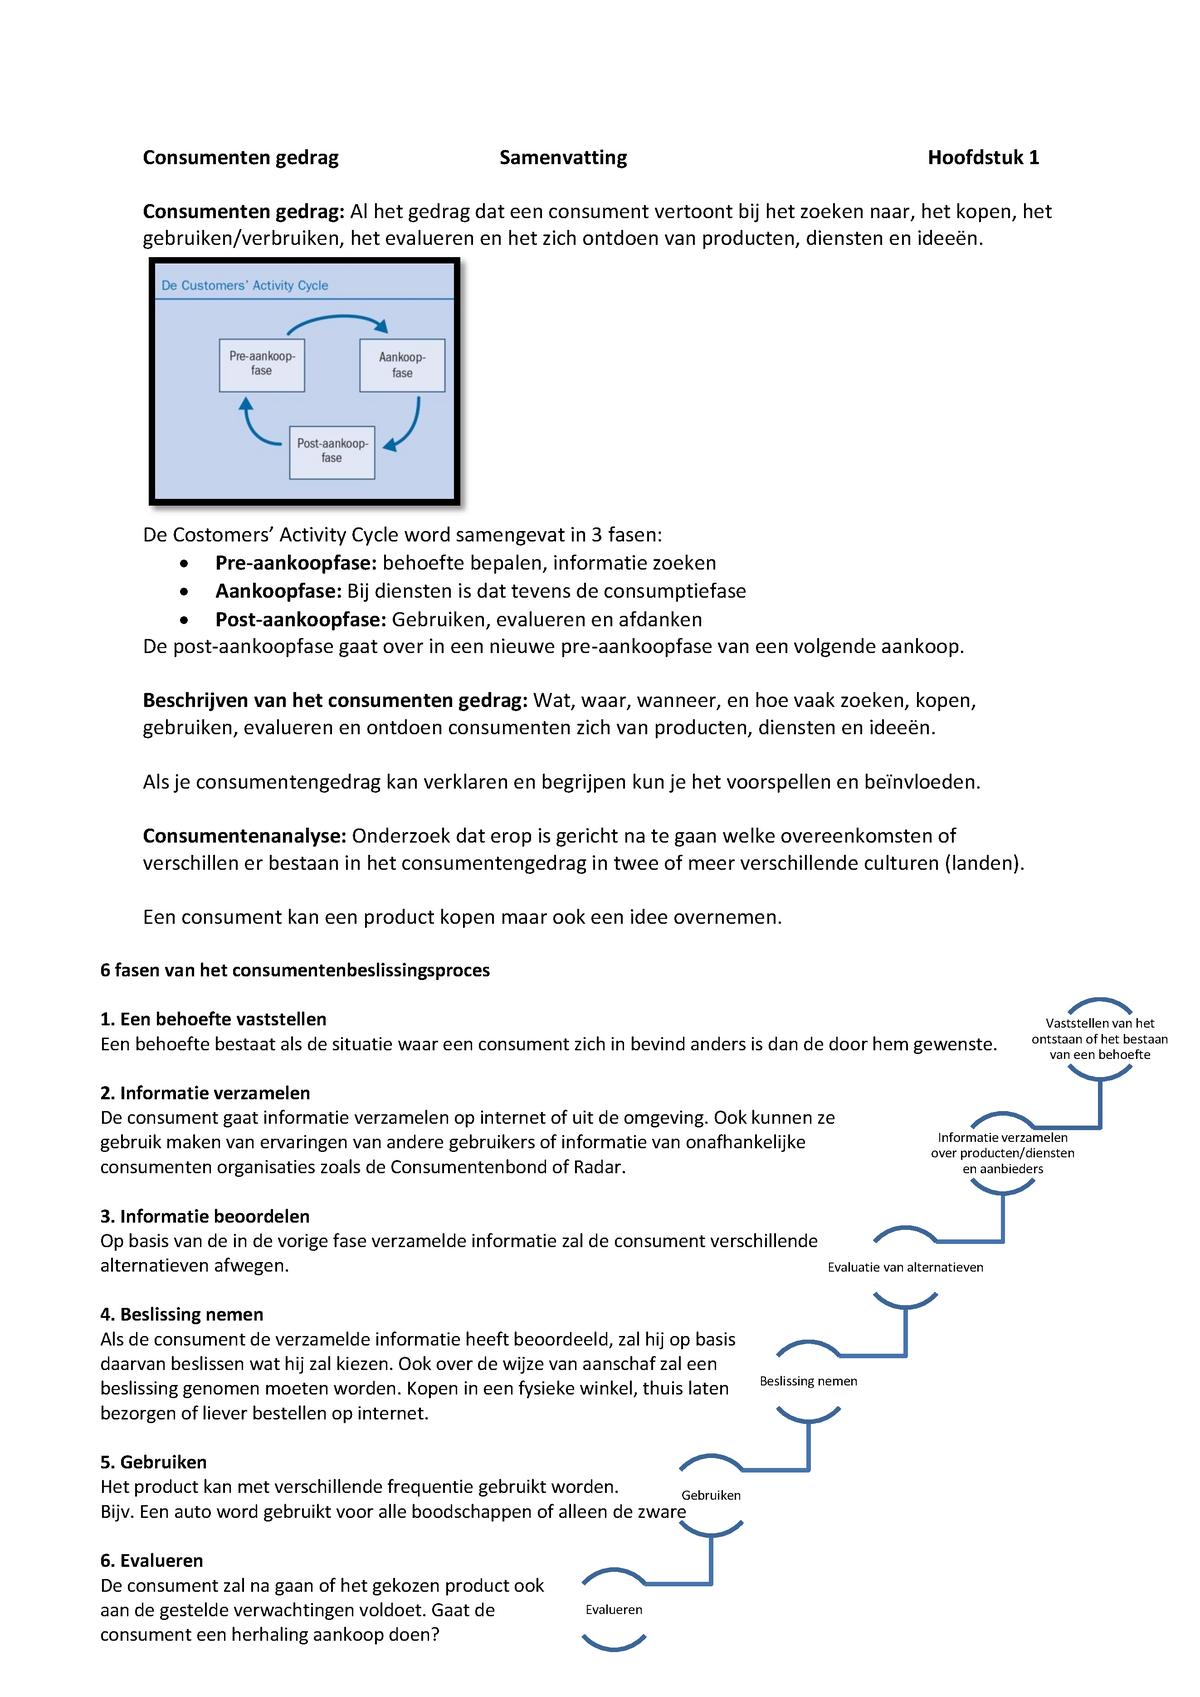 81a1b88a175 Samenvatting Marktonderzoek 25 Jul 2015 - StudeerSnel.nl